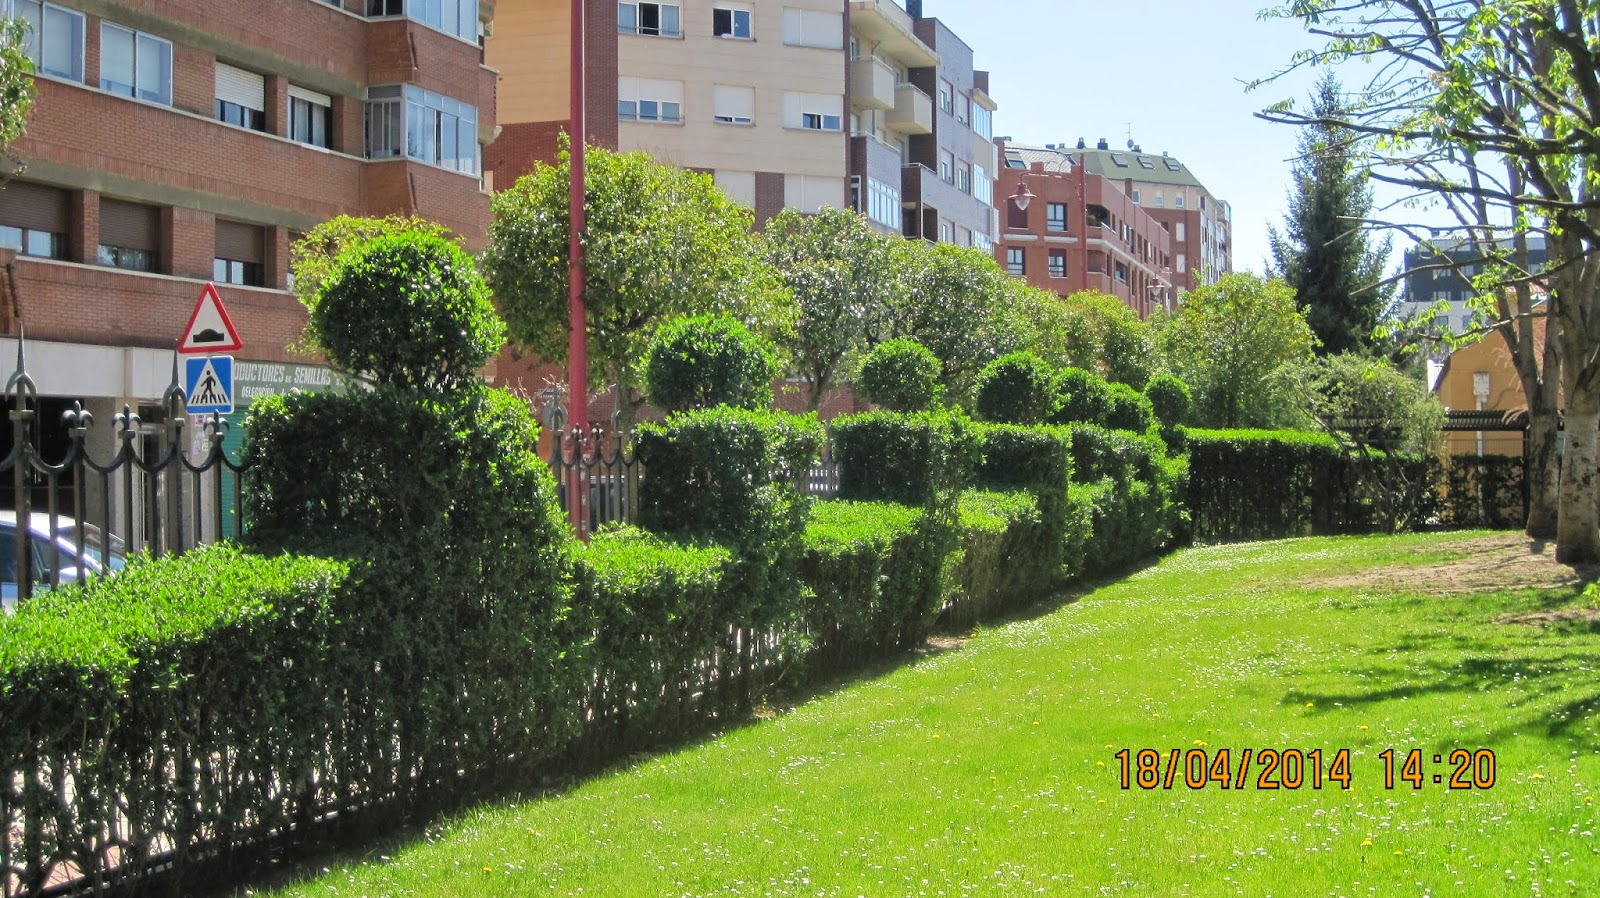 El rincon de un jardin parque de los reyes de espa a le n - Esquelas leon los jardines ...